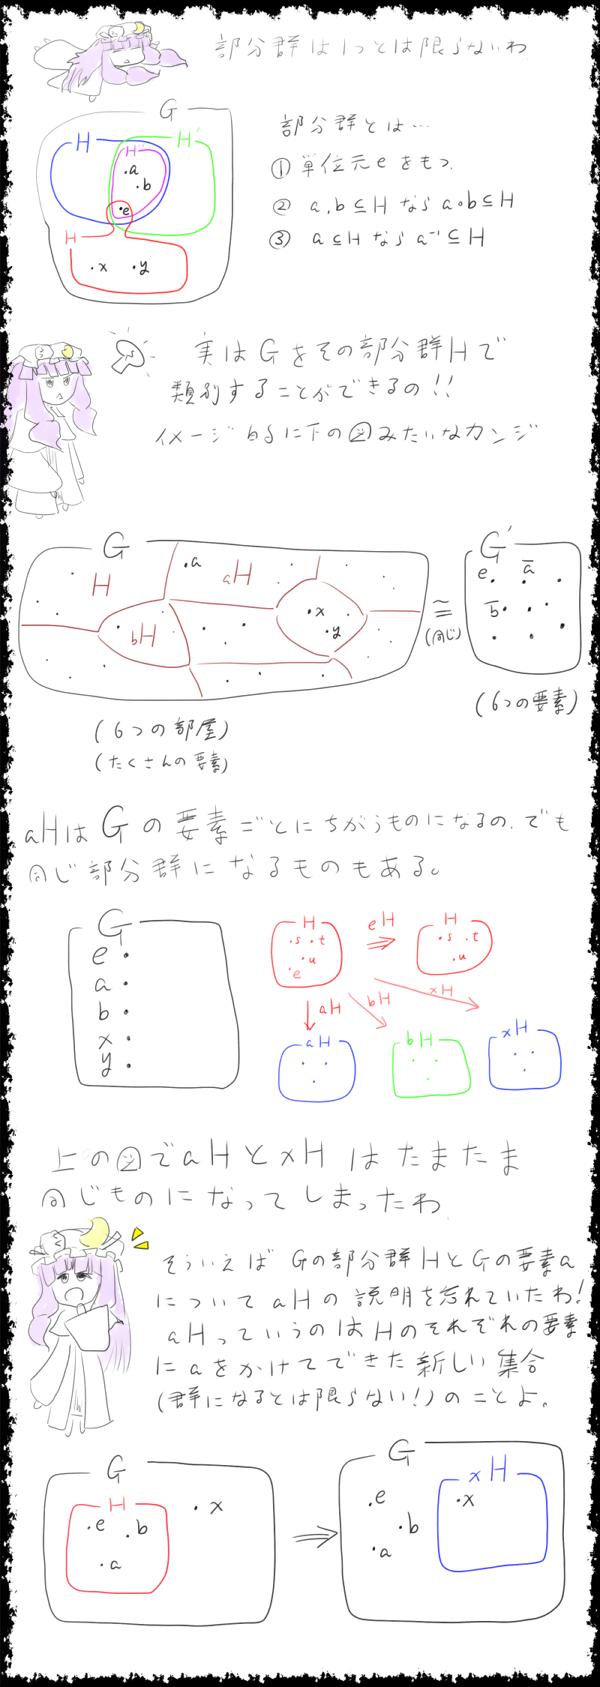 数学講座(部分群による類別その1)